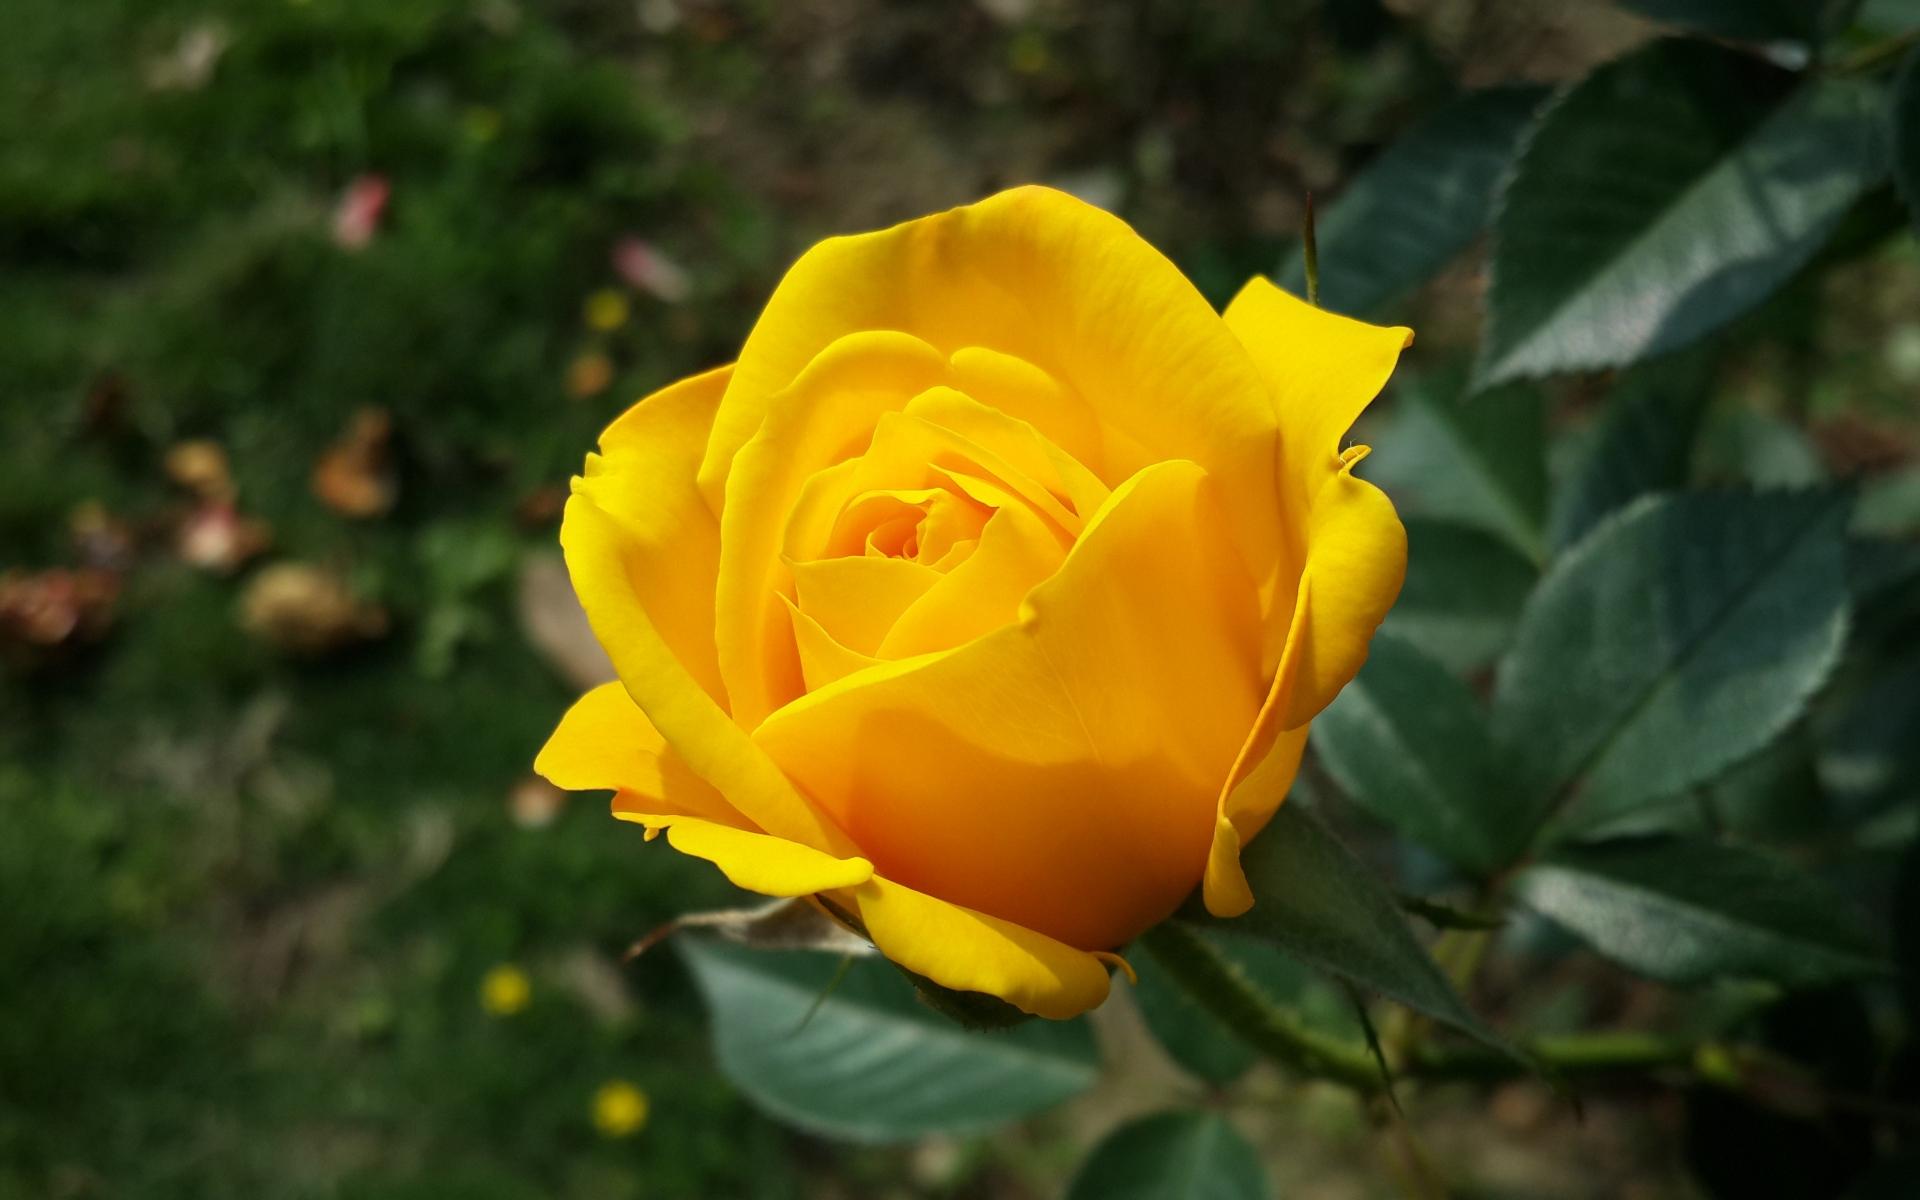 правильно желтые розы фото на рабочий стол используют